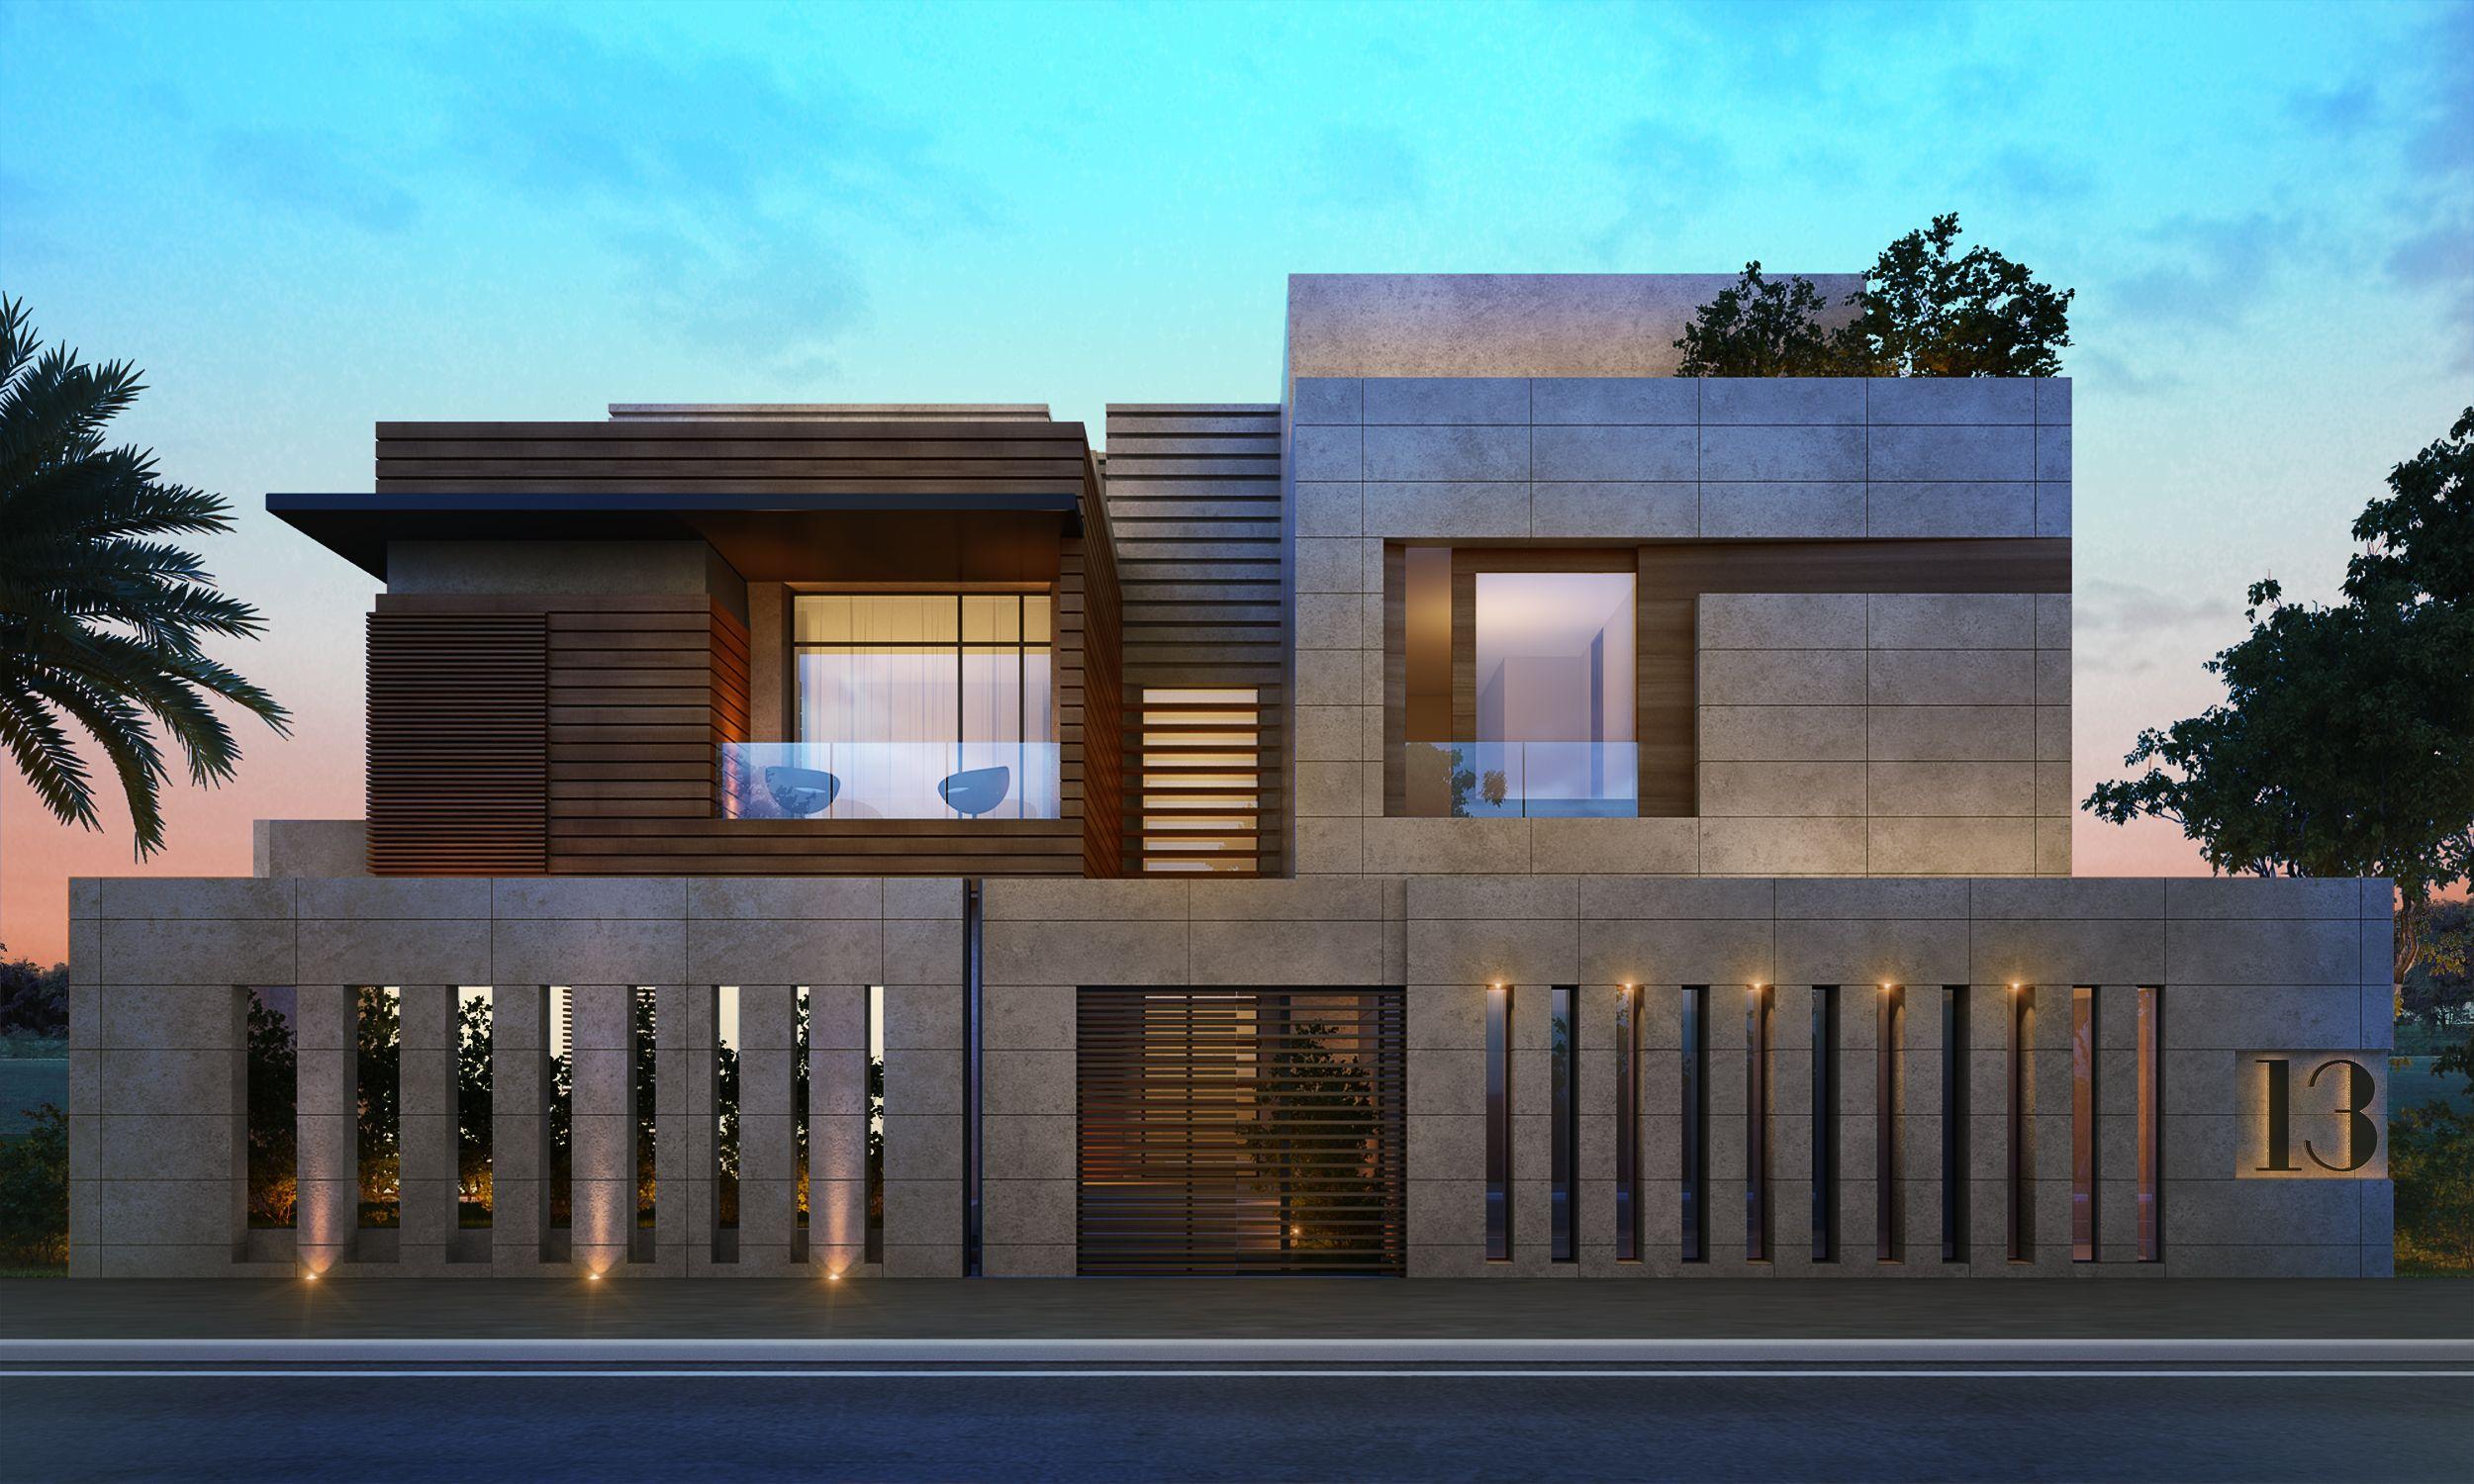 Sarah Private Villa Sadeq Architects